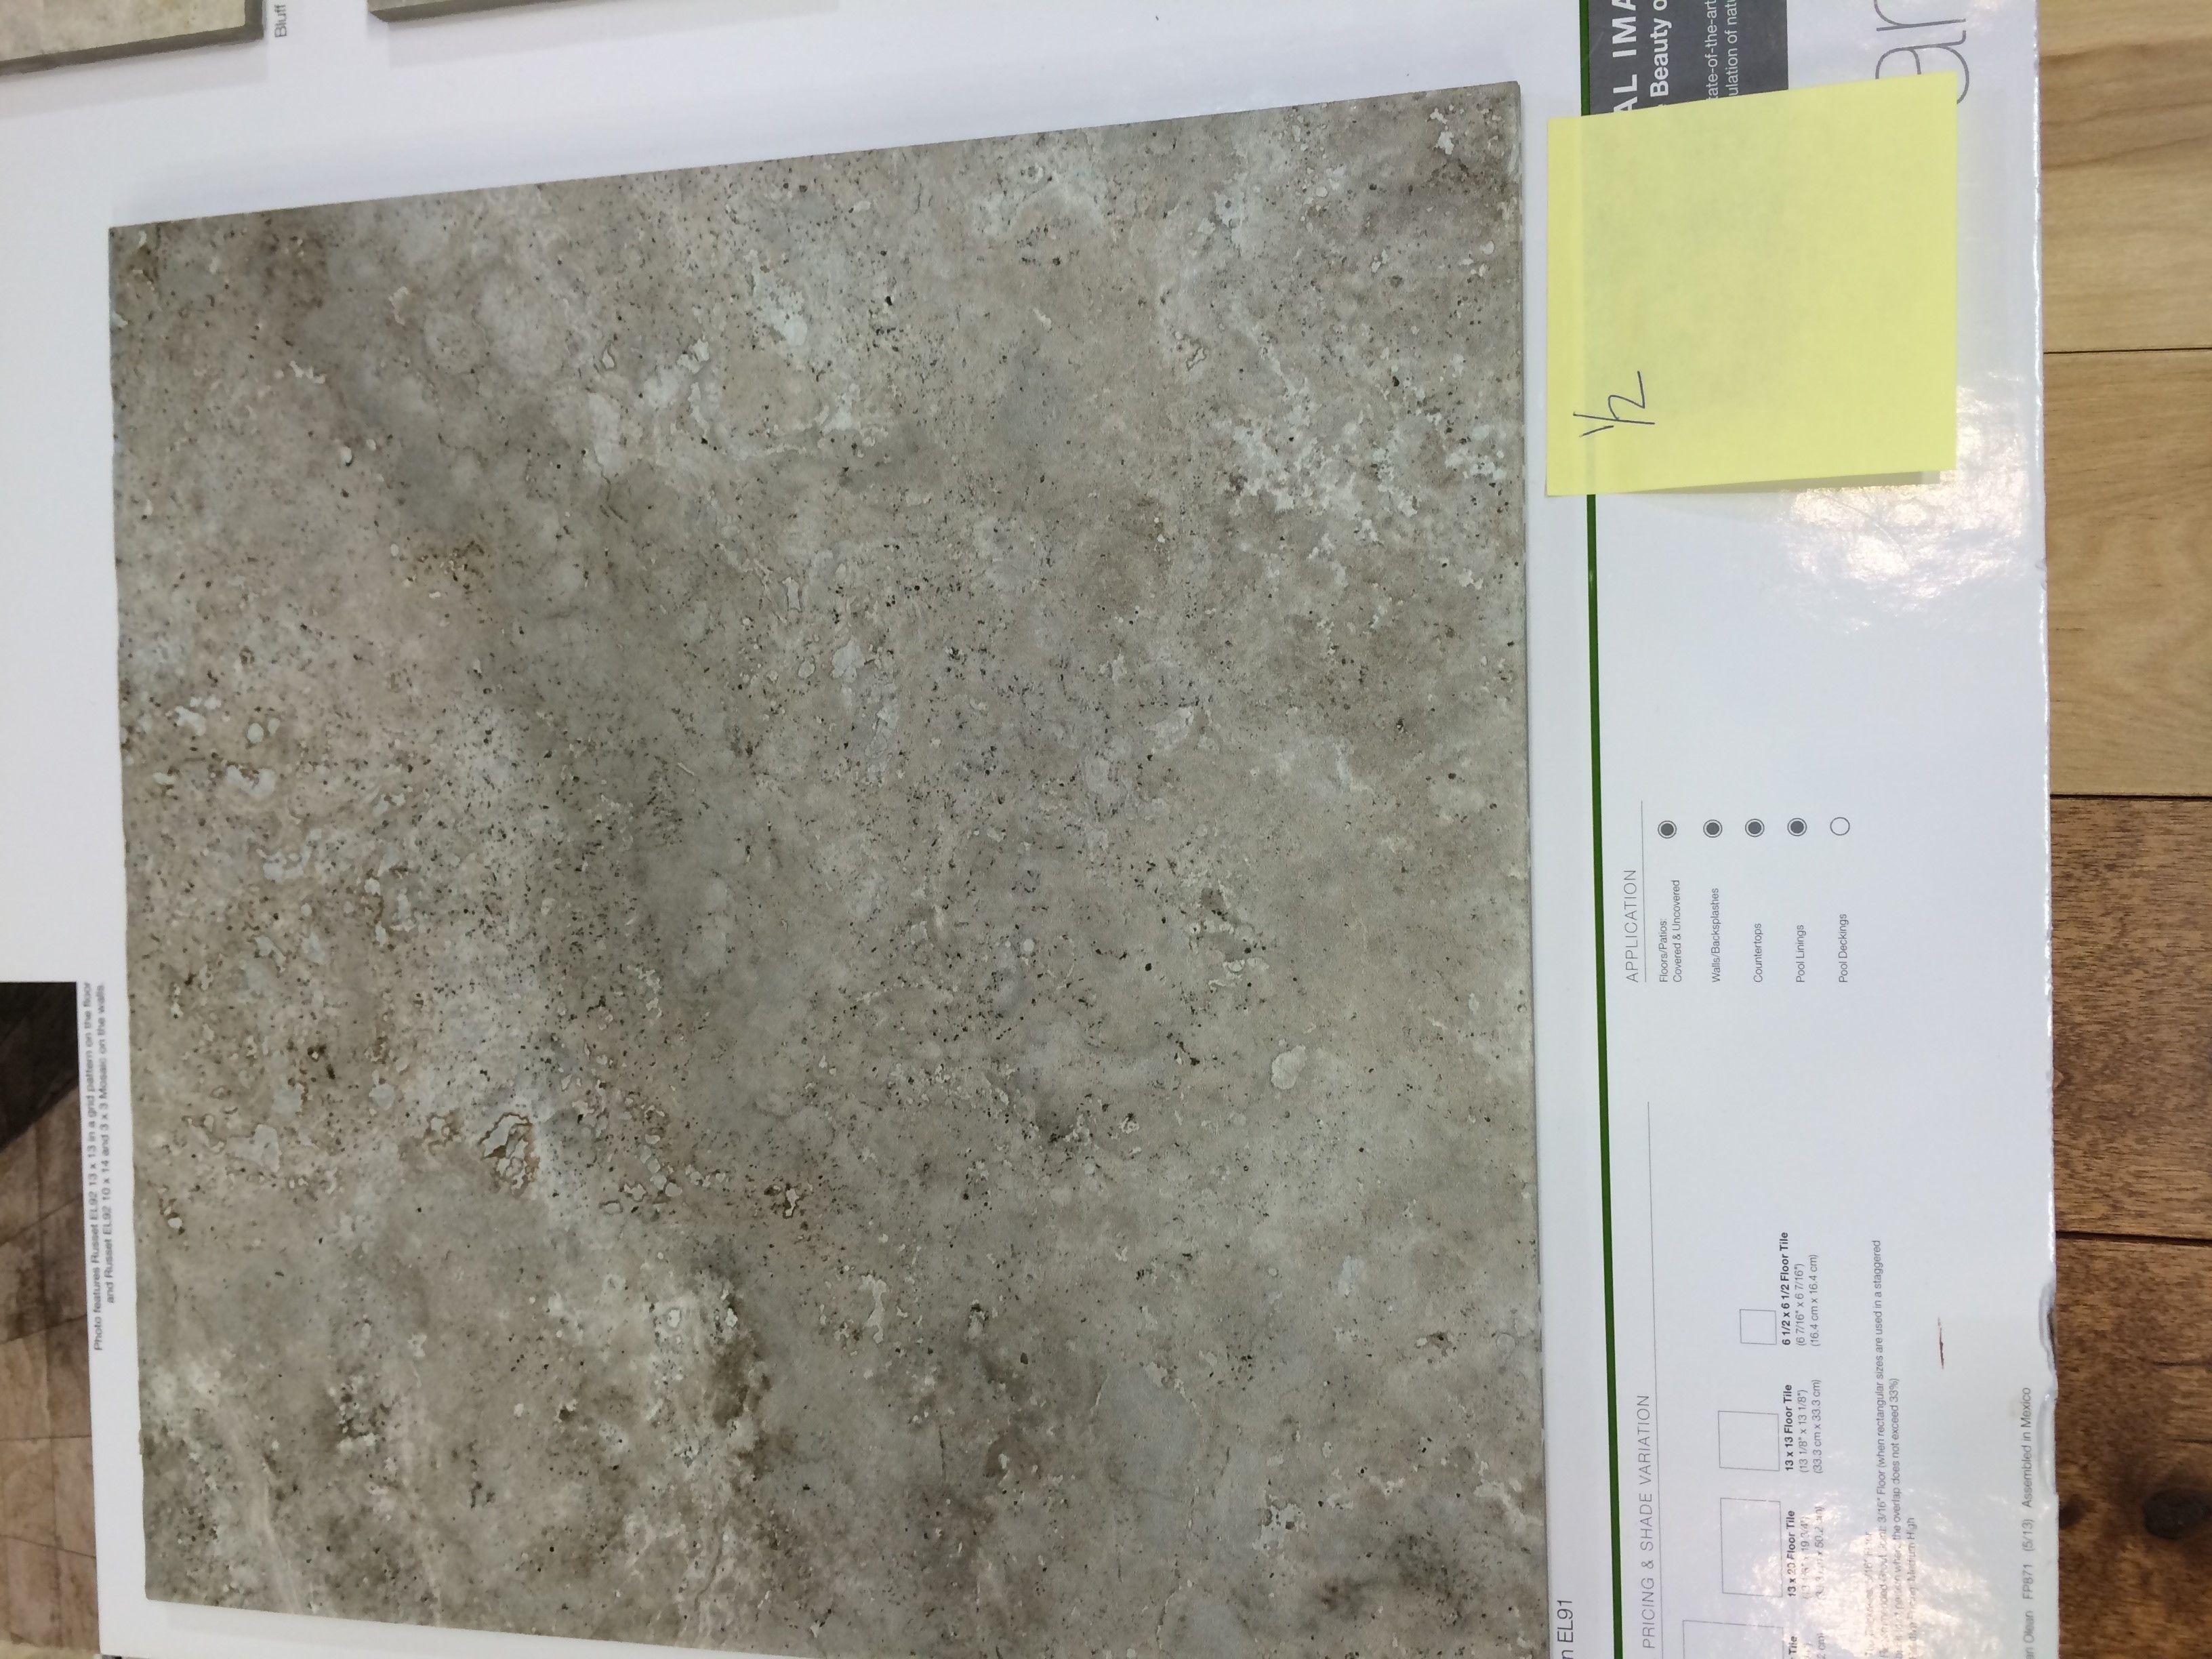 Powder bath tile